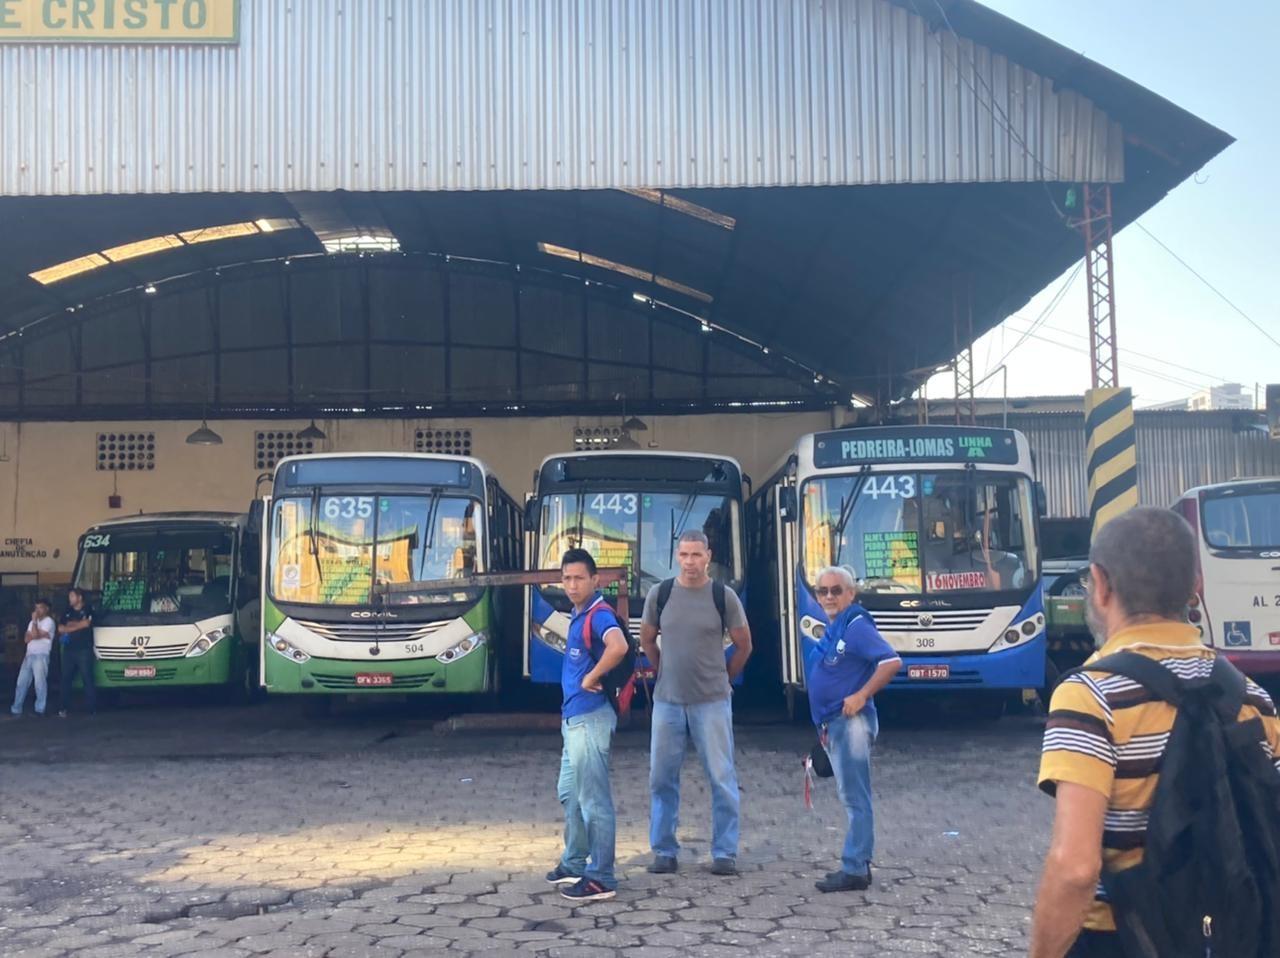 Rodoviários encerram paralisação de 8 linhas de ônibus em Belém